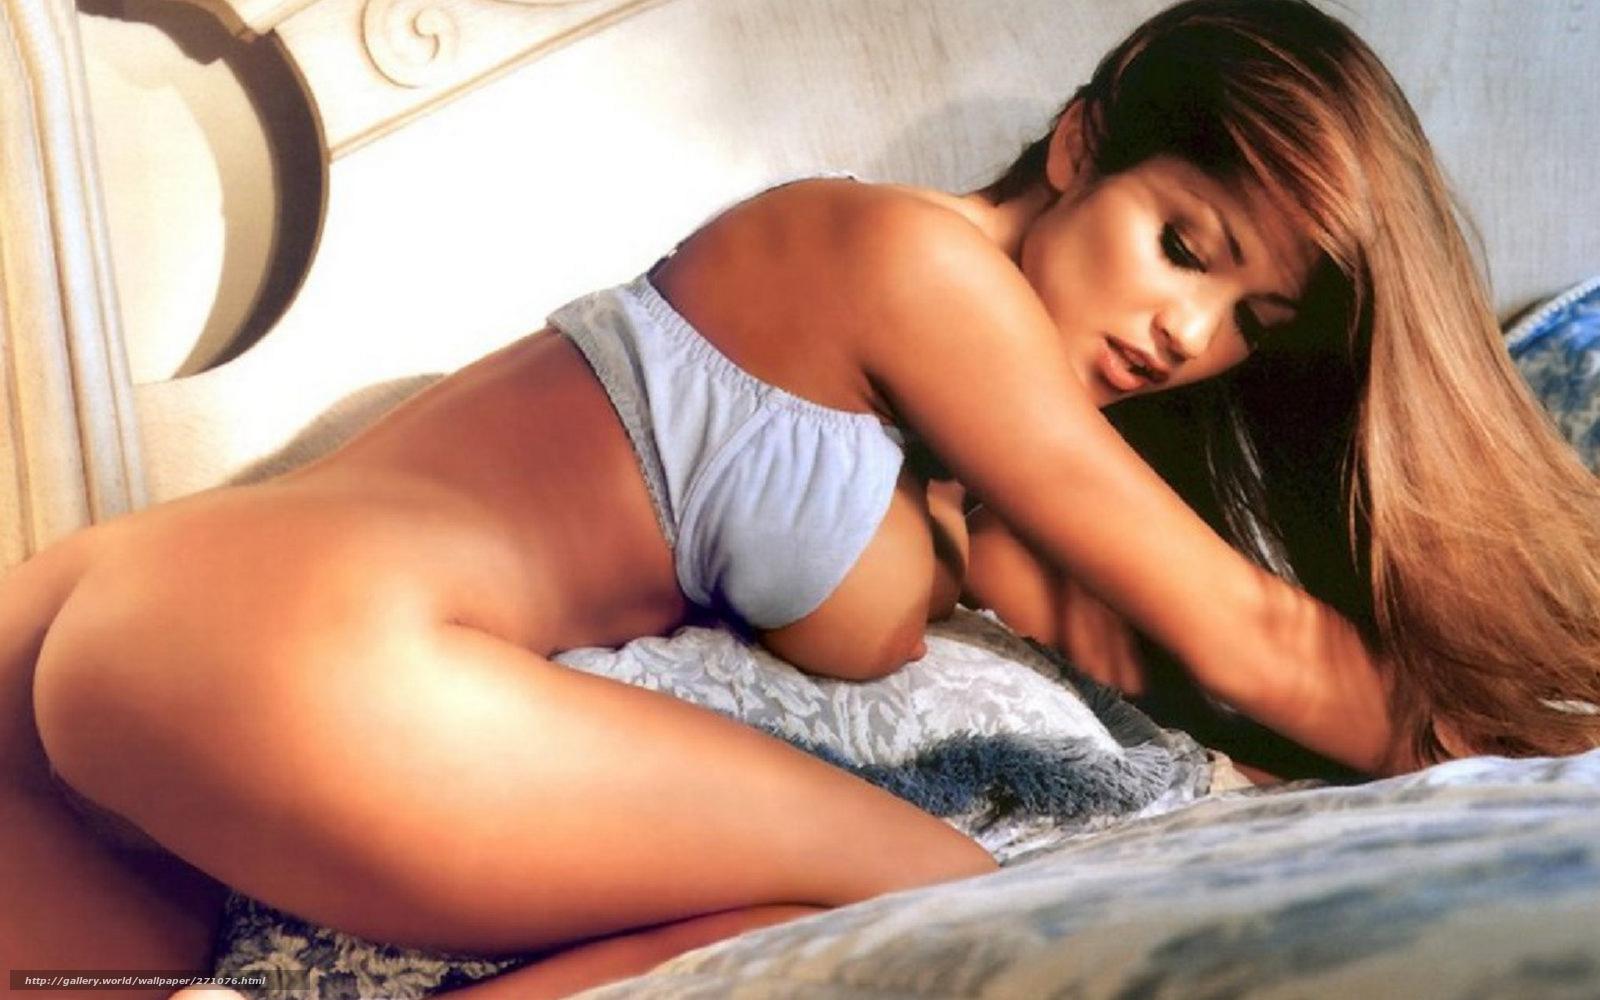 Самые сексуальные красивые девушки мира эротика 16 фотография